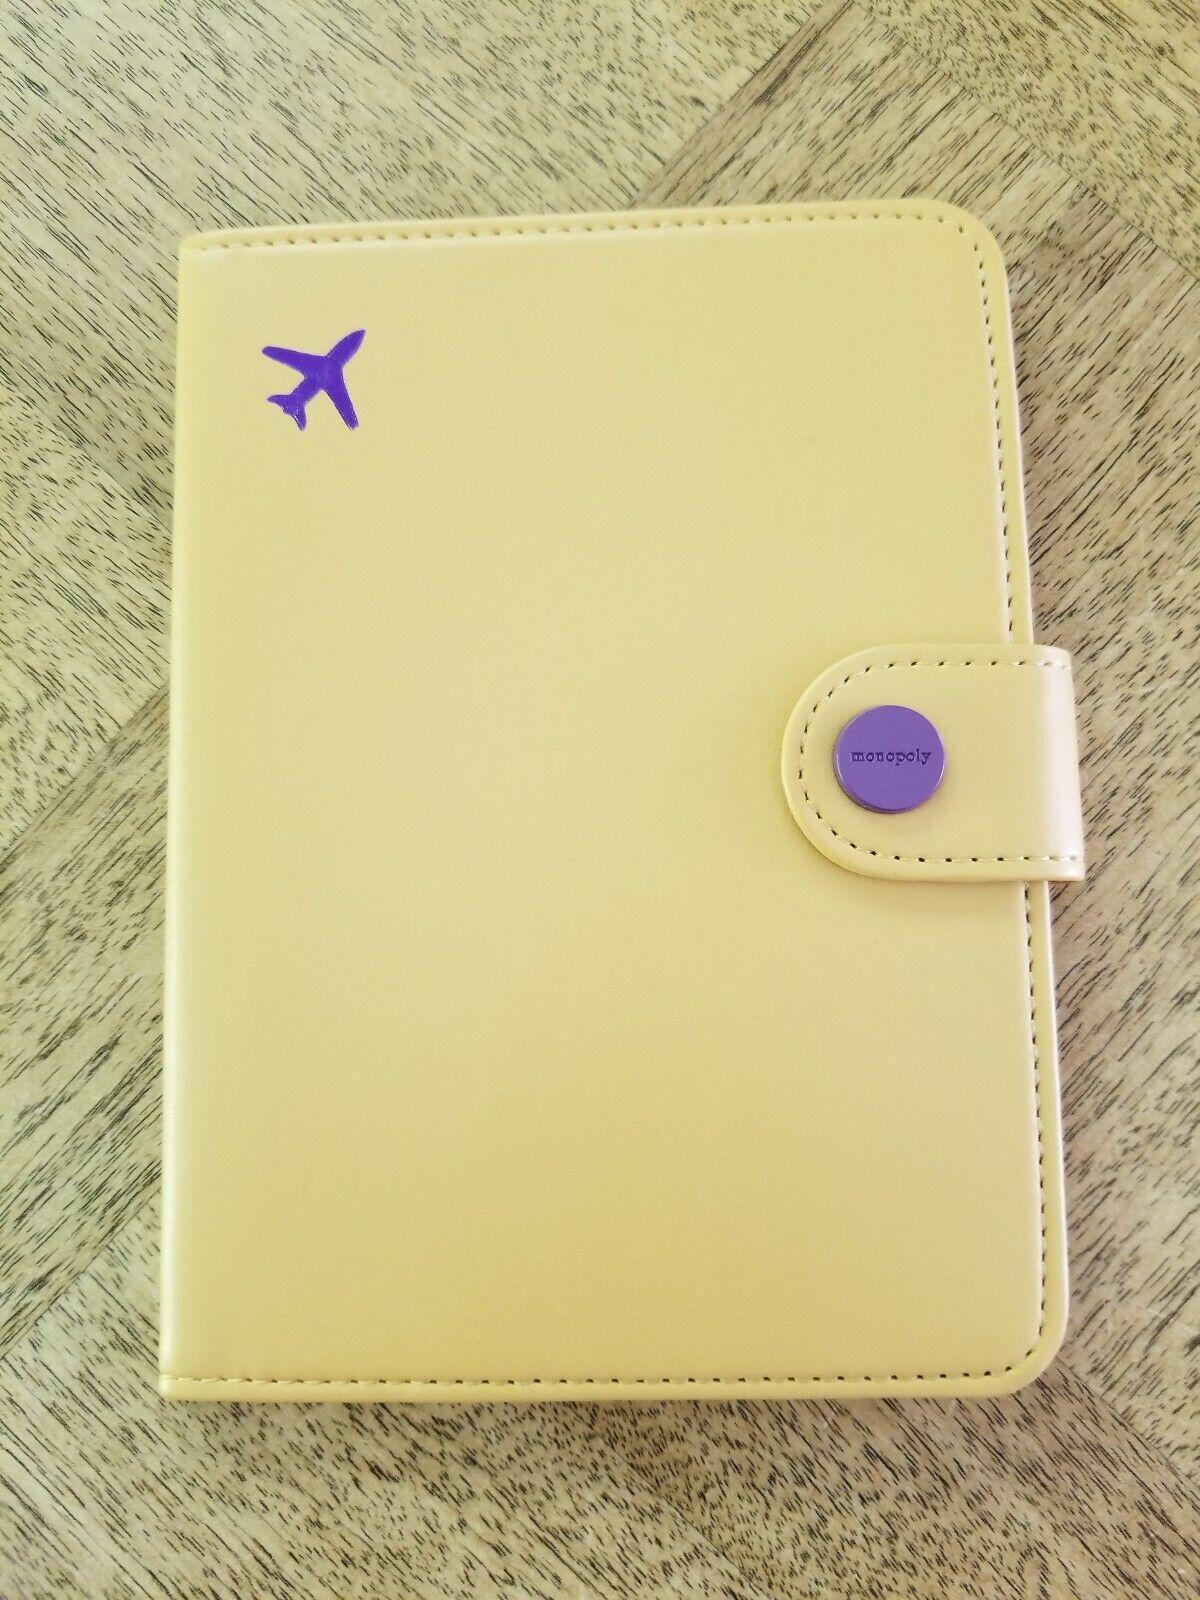 3M MONOPOLY NO SKIMMING Passport Cover-Yellow + Purple